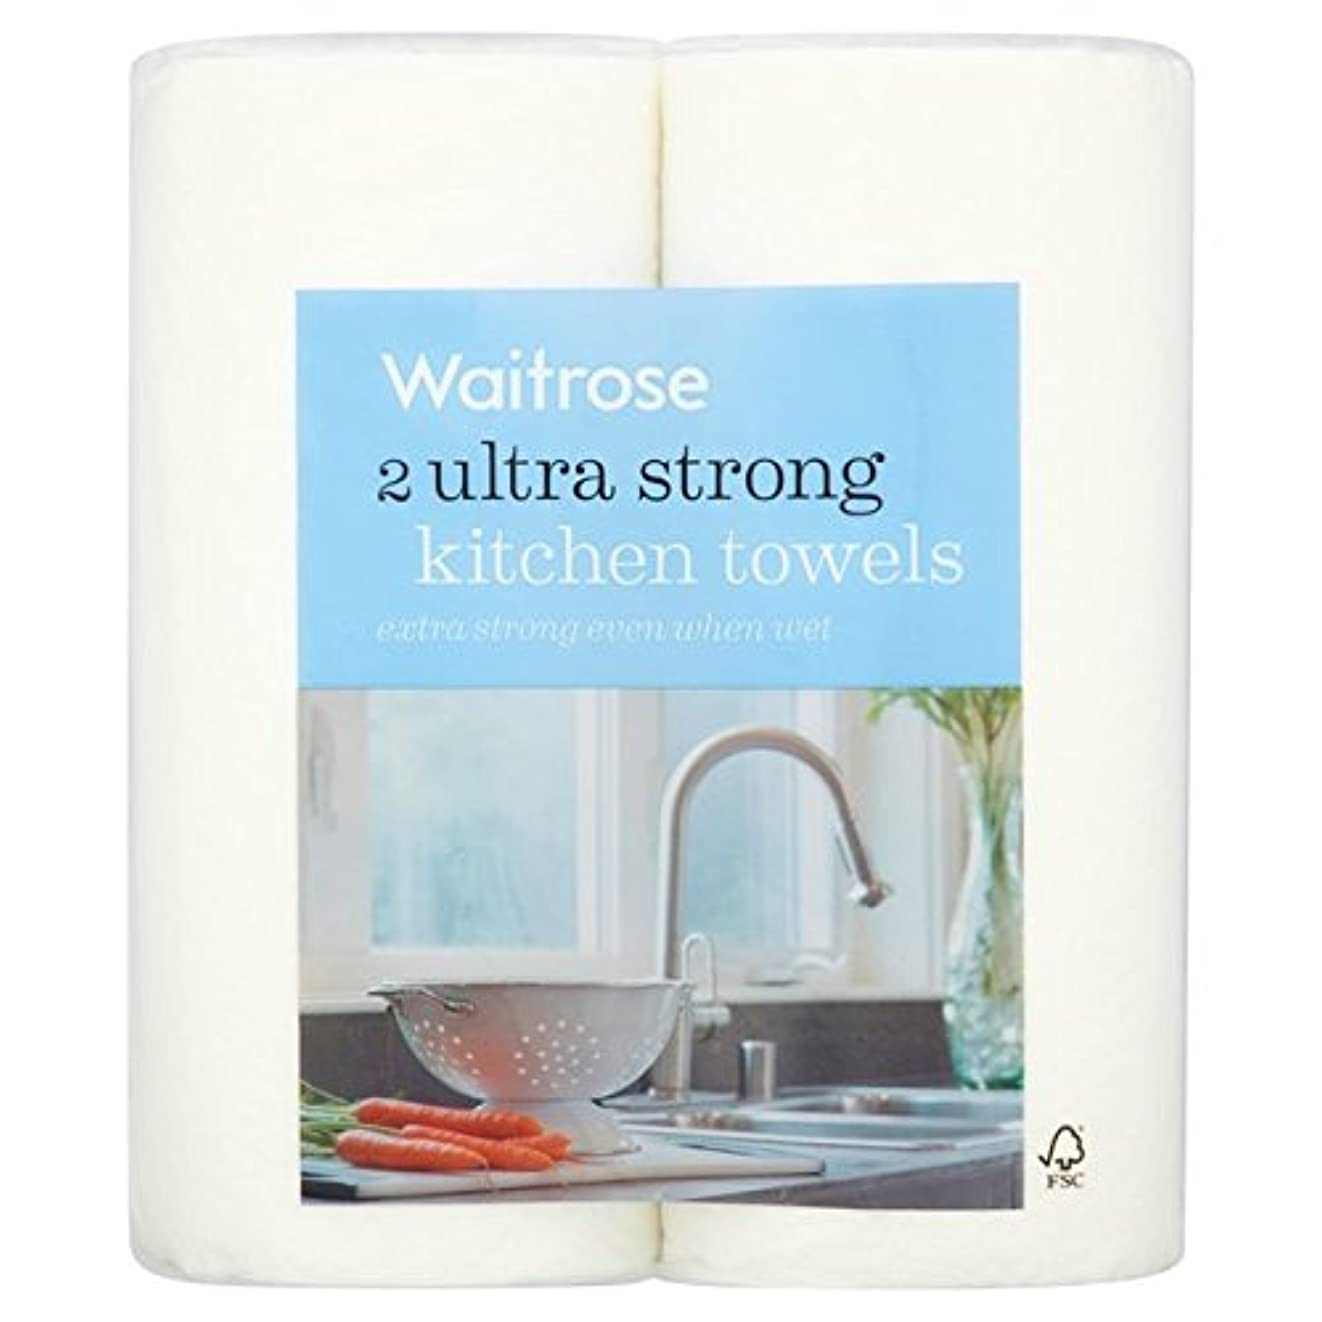 幽霊慢な起点パックあたりの超強力なキッチンタオル白ウェイトローズ2 x2 - Ultra Strong Kitchen Towel White Waitrose 2 per pack (Pack of 2) [並行輸入品]